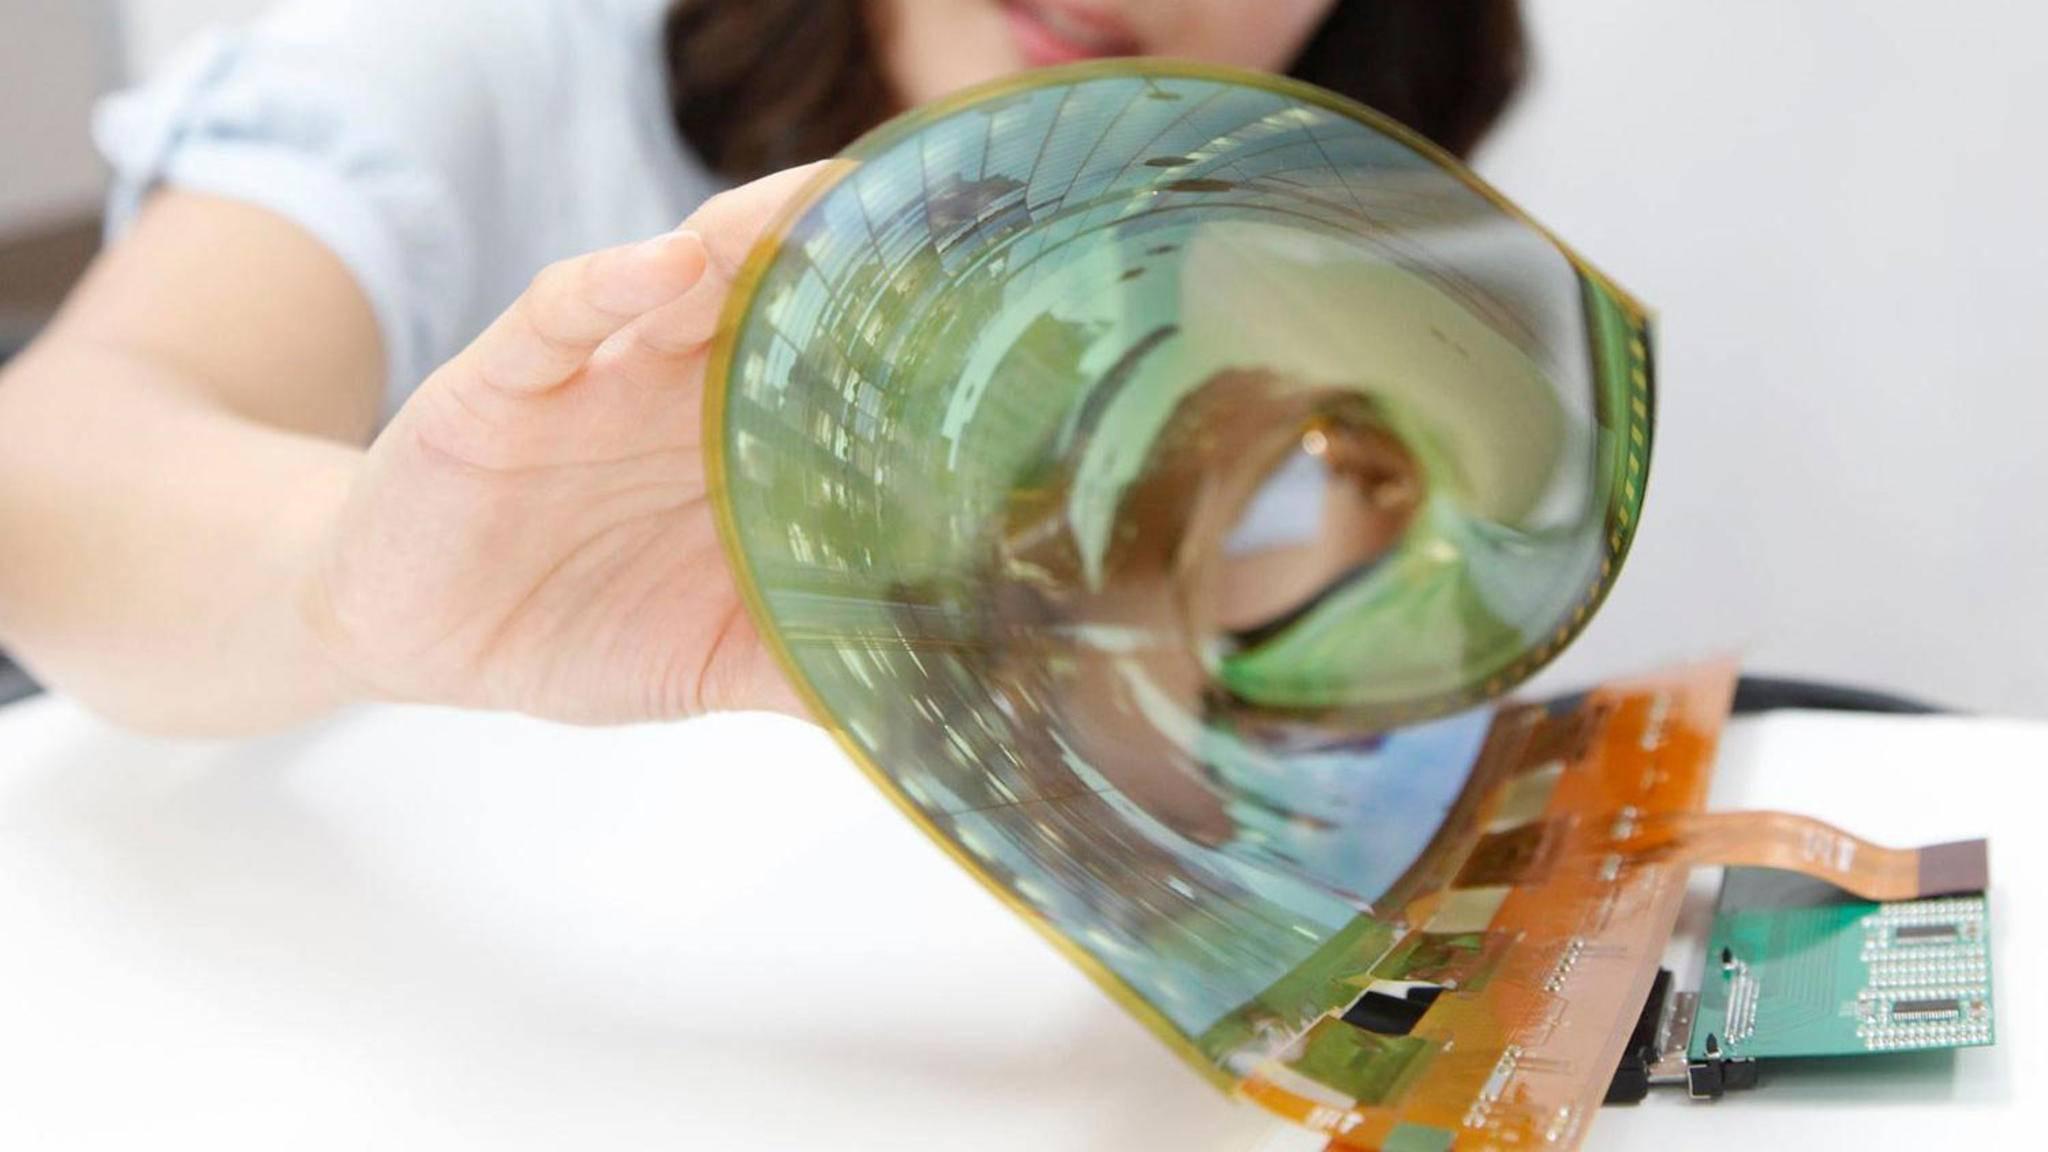 Egal, ob rollen oder falten: OLED ermöglicht vieles.